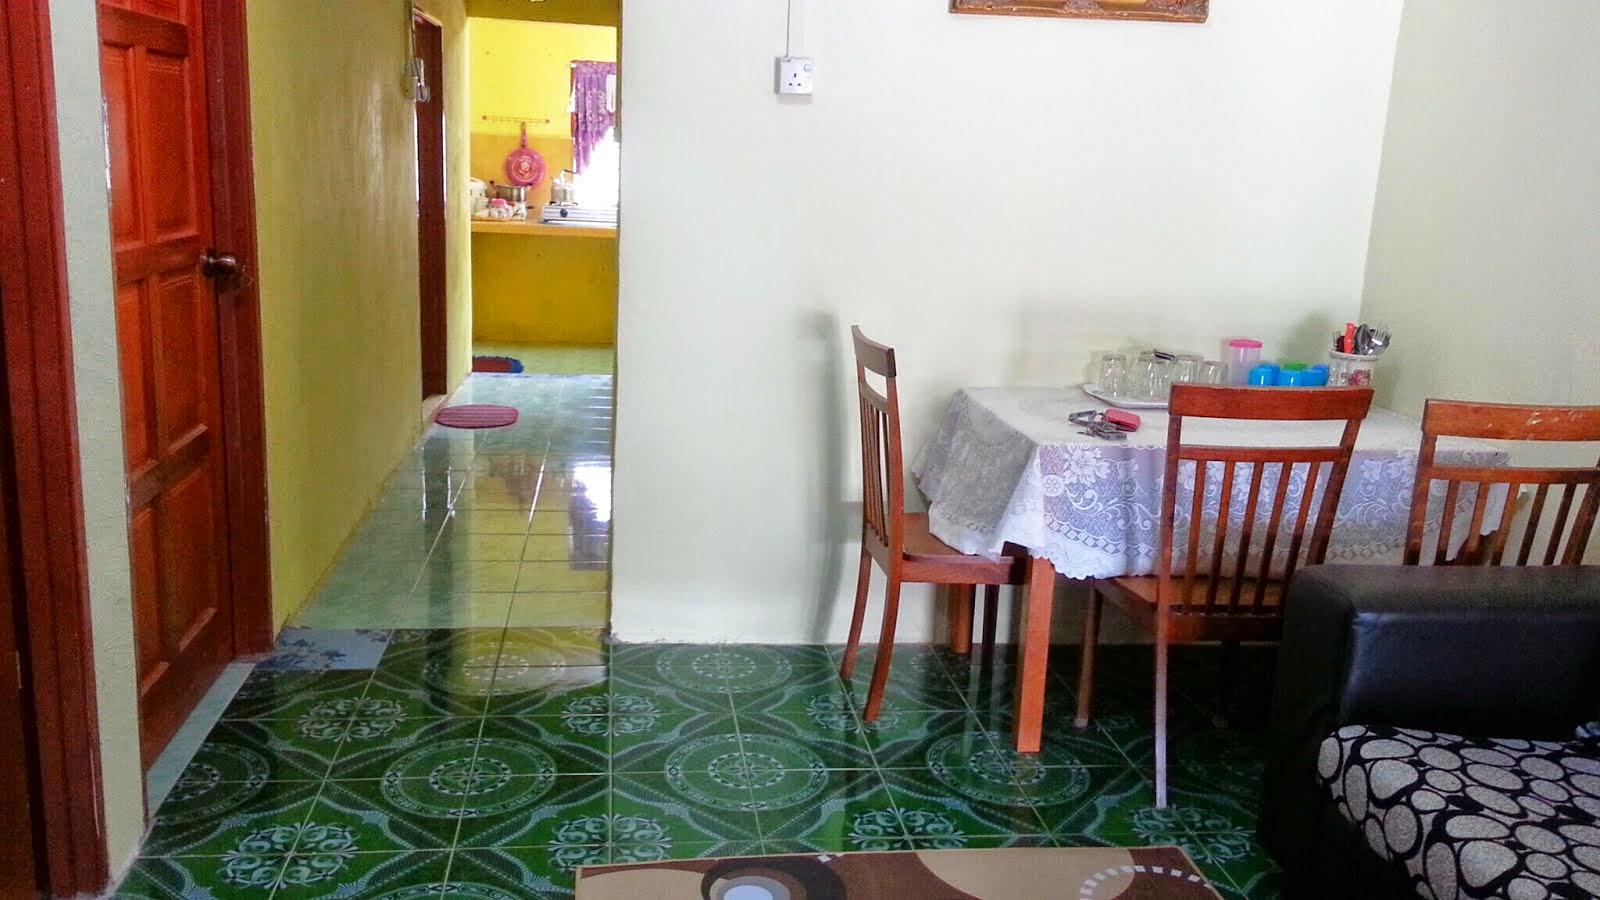 LORONG KE DAPUR